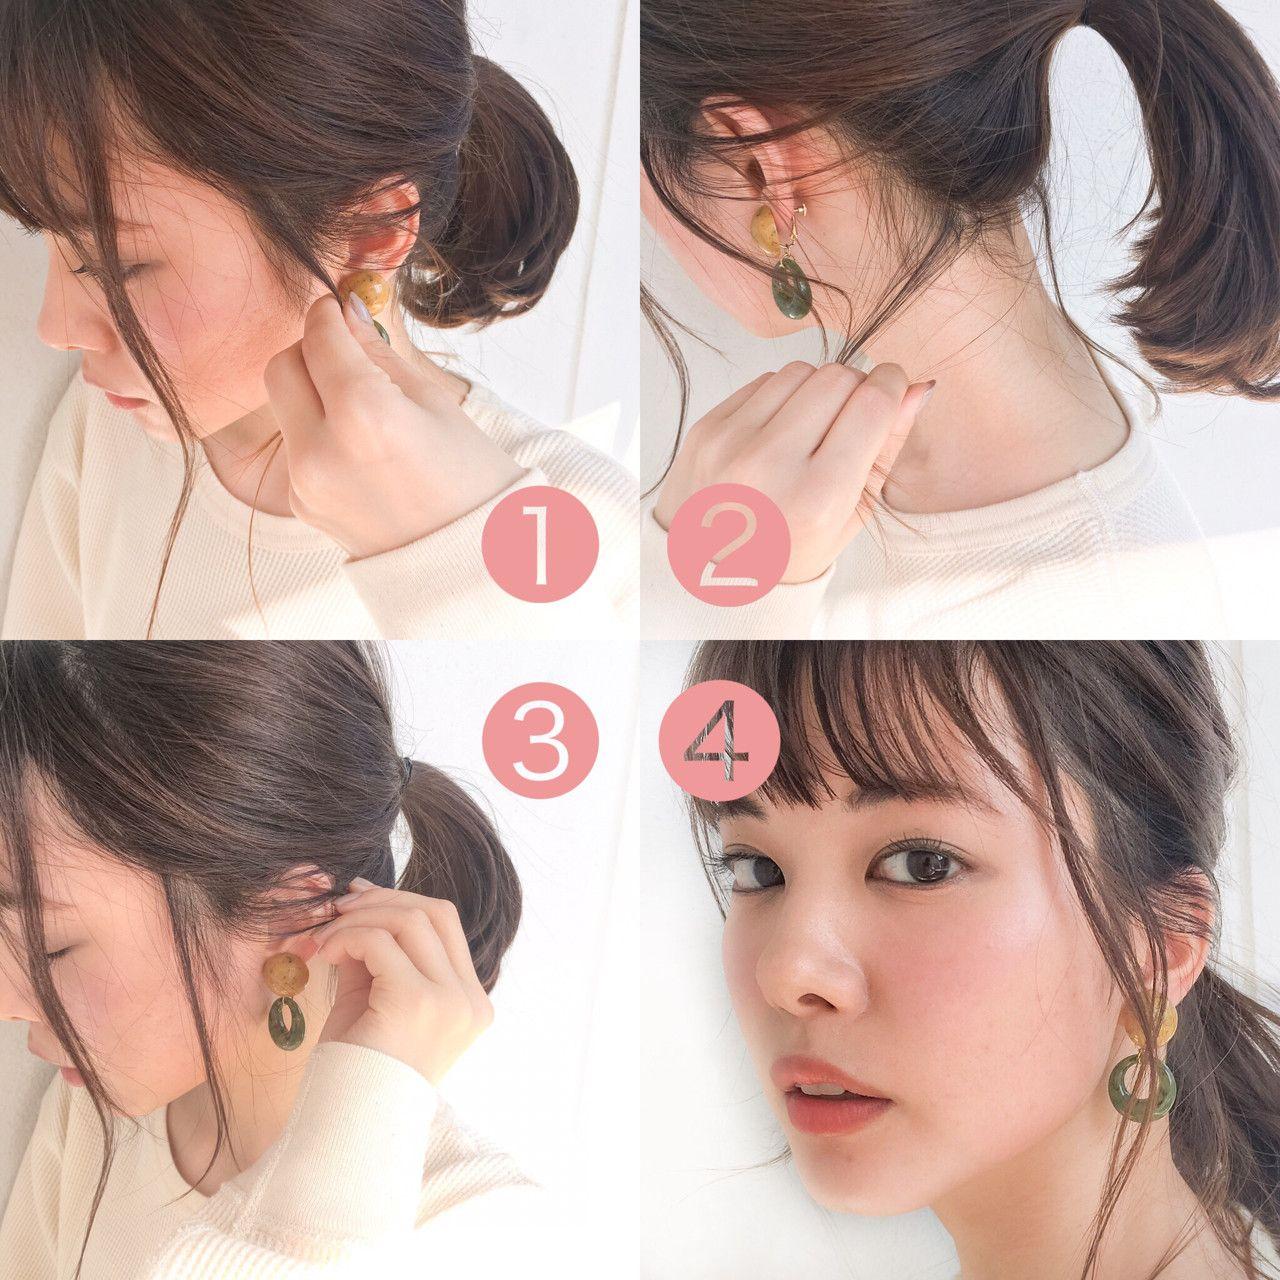 前髪をピンで留めるだけの簡単アレンジ 種類豊富なヘアピンテクニック